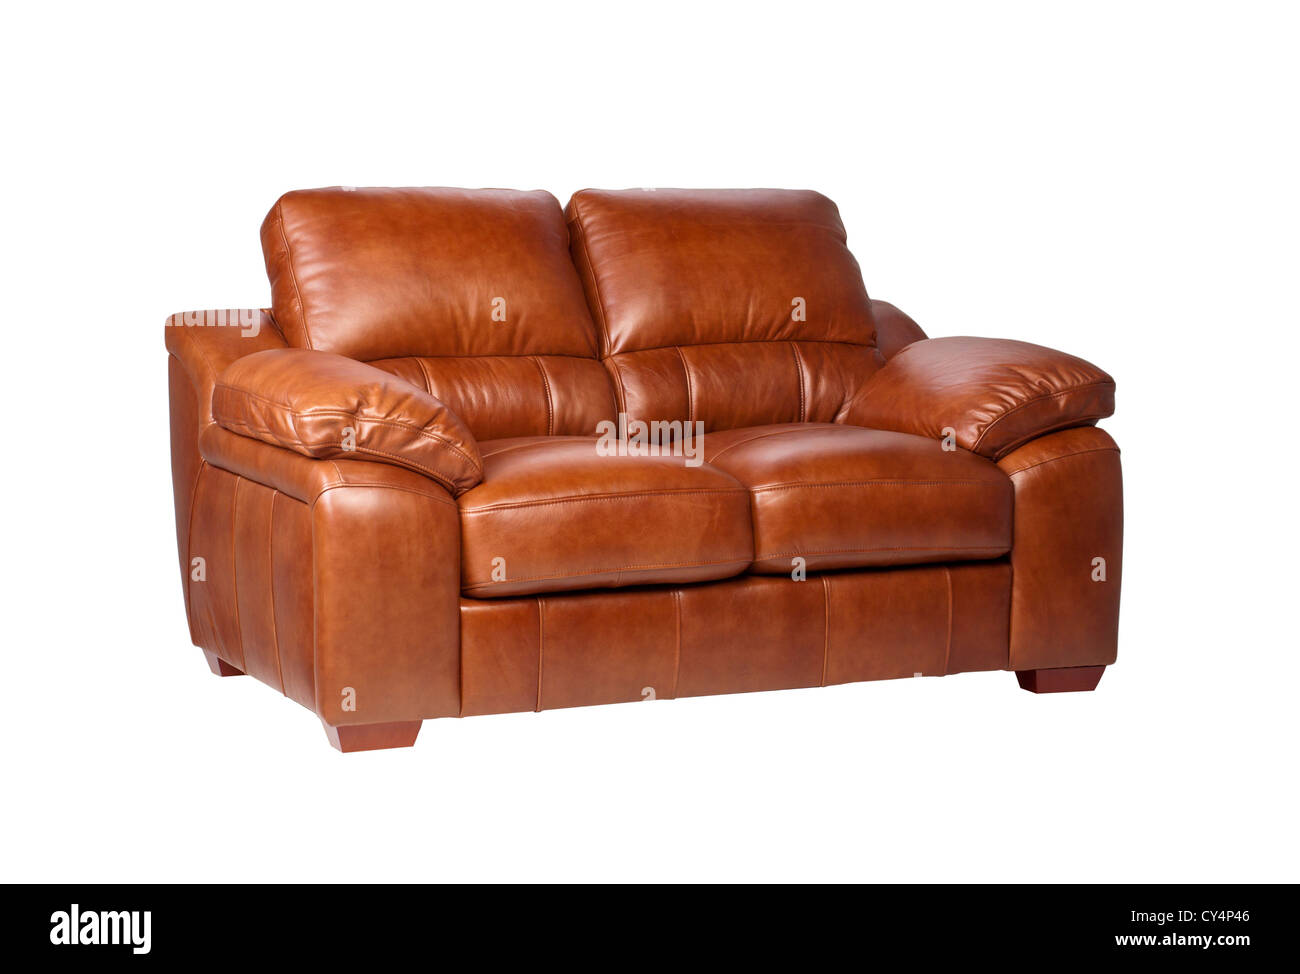 Nizza e lussuosi divani in pelle marrone grande mobili in pelle Immagini Stock